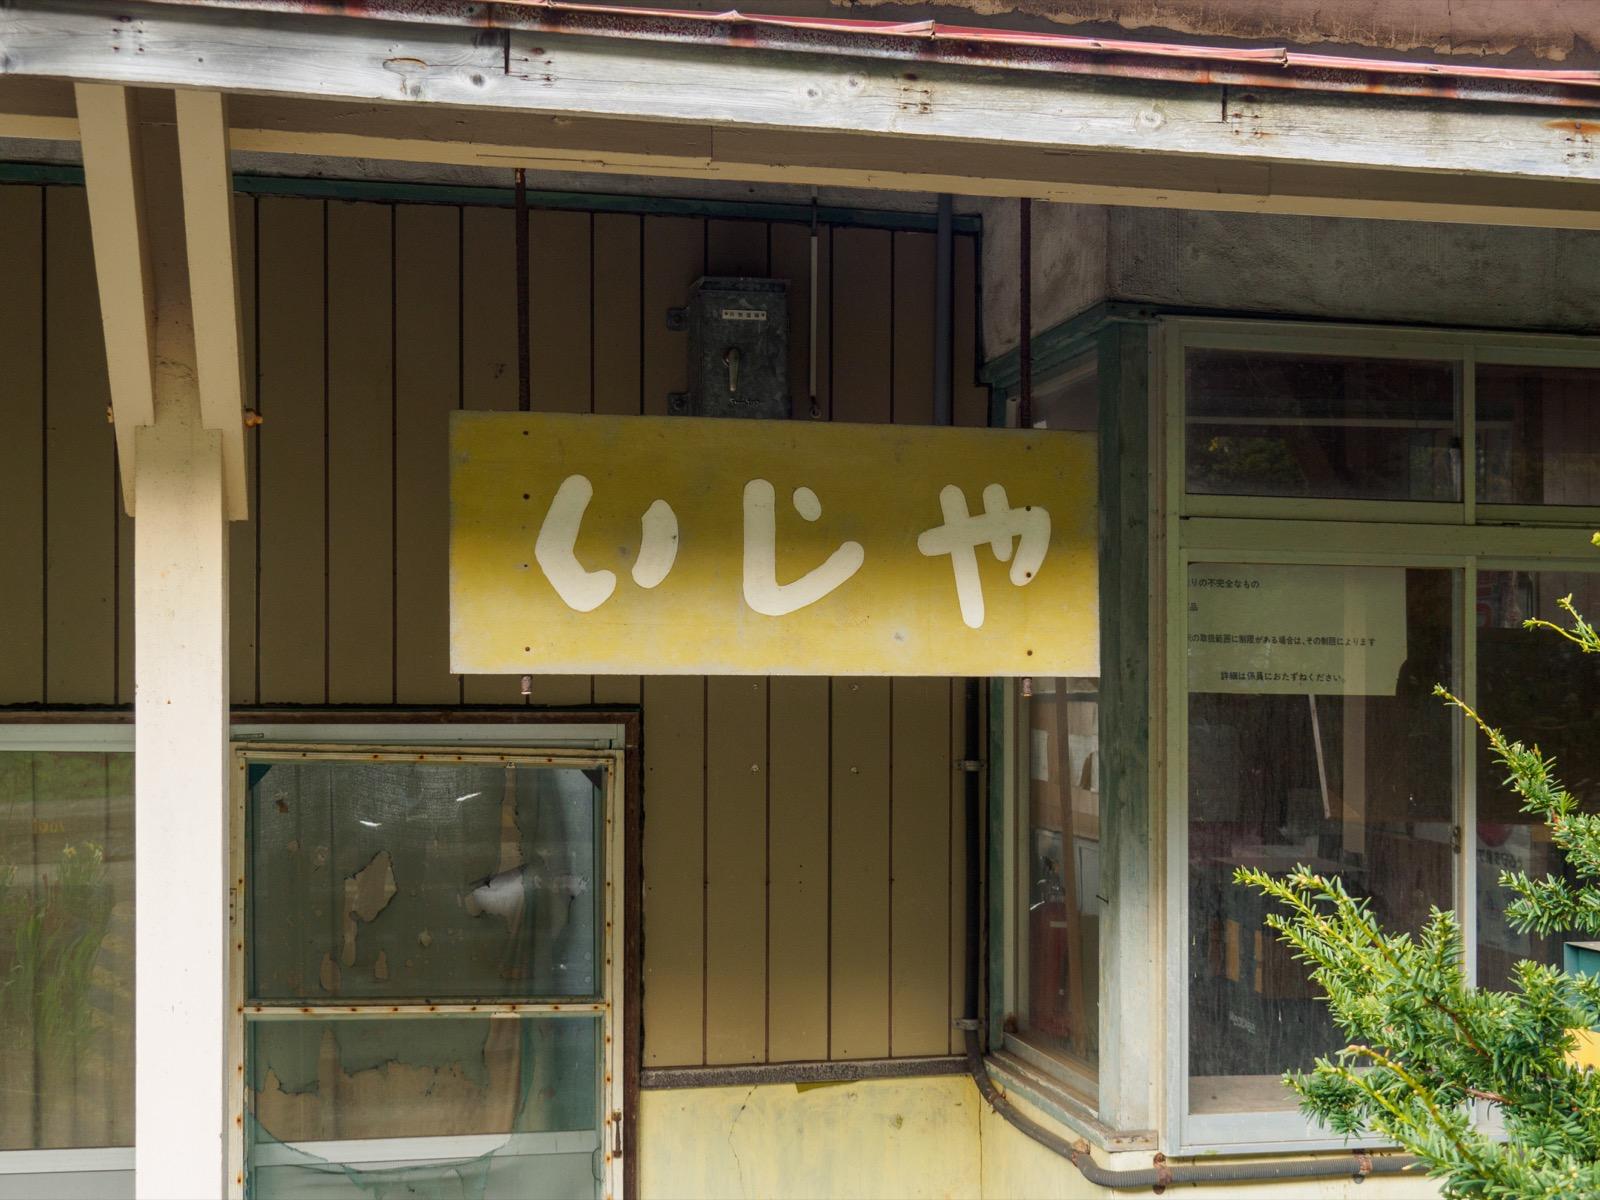 石谷駅のひらがなの駅名板(2018年4月)